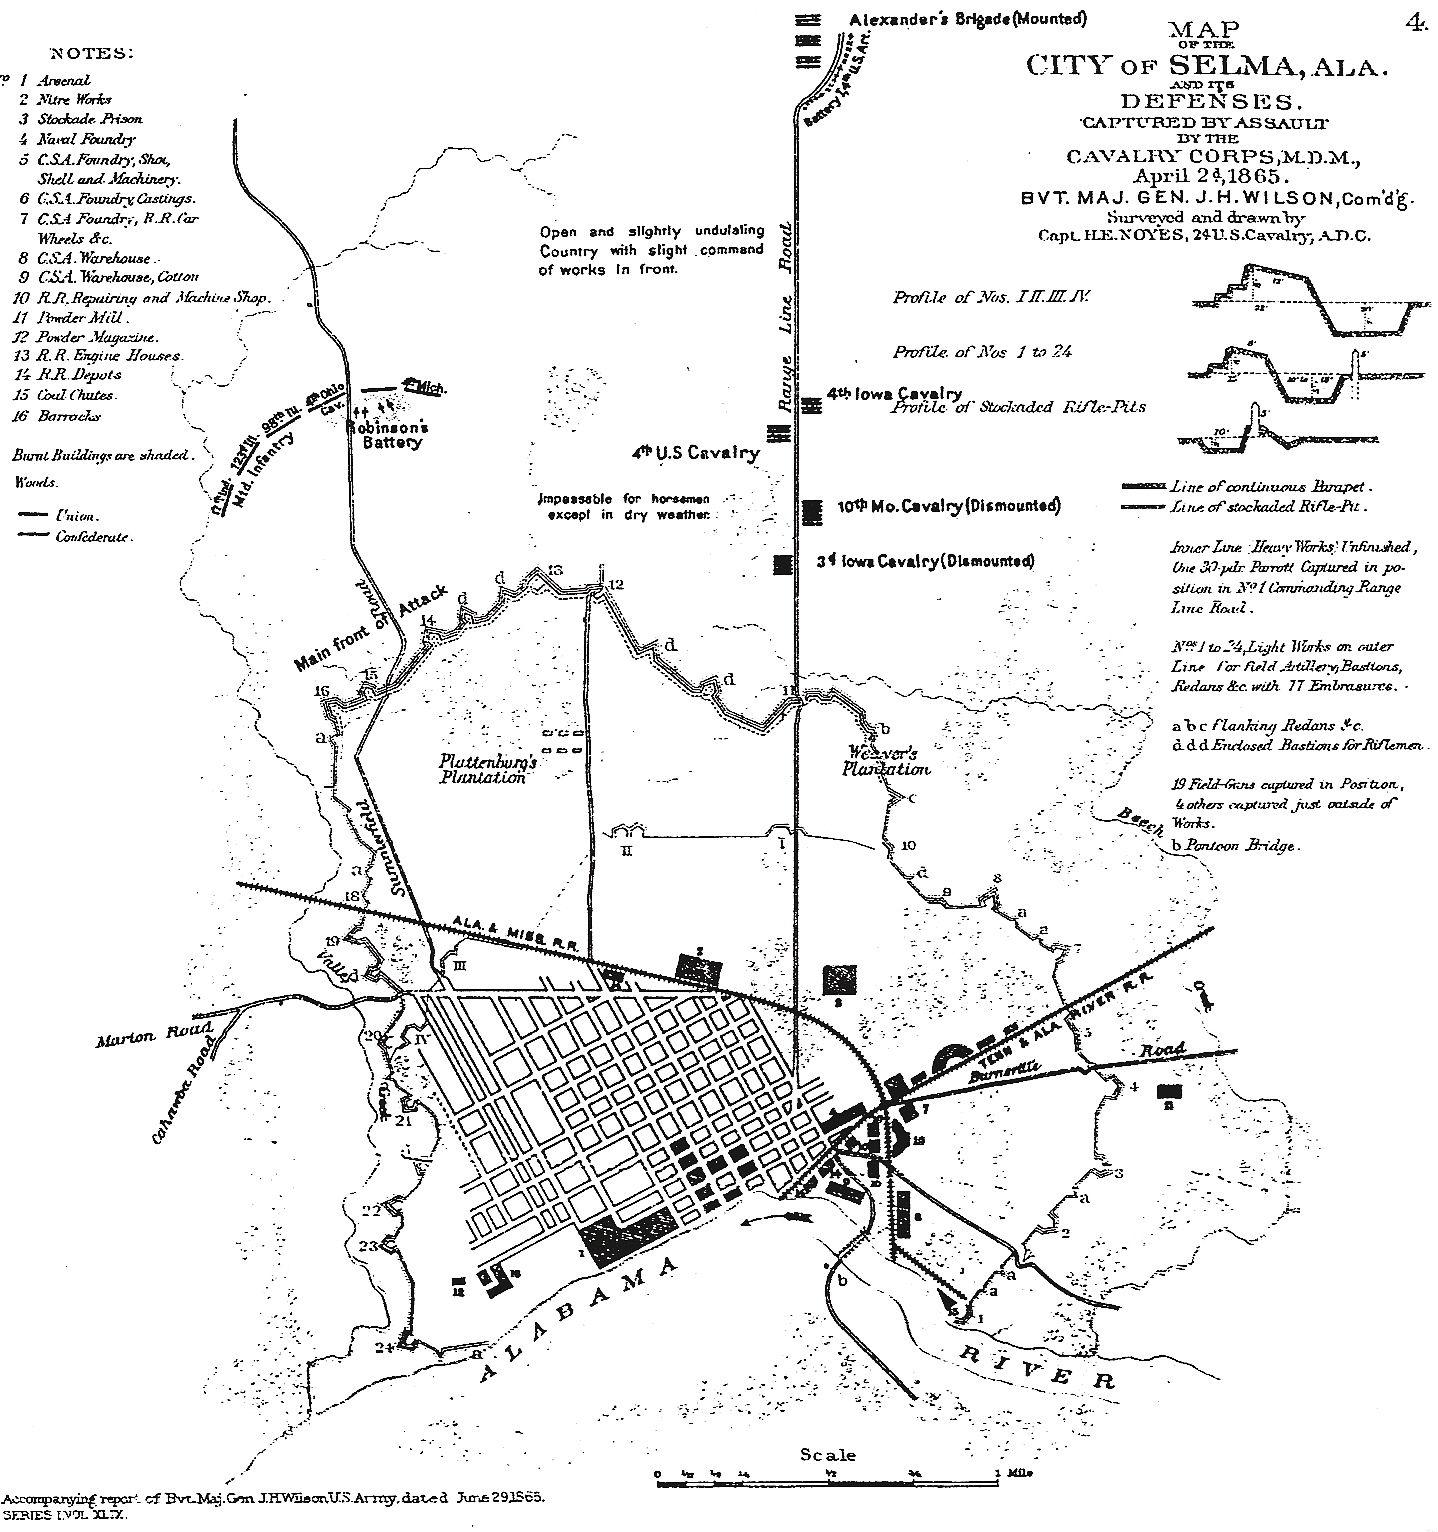 Battle of Selma Al map 1865. | Battle of Selma | Pinterest | Battle ...